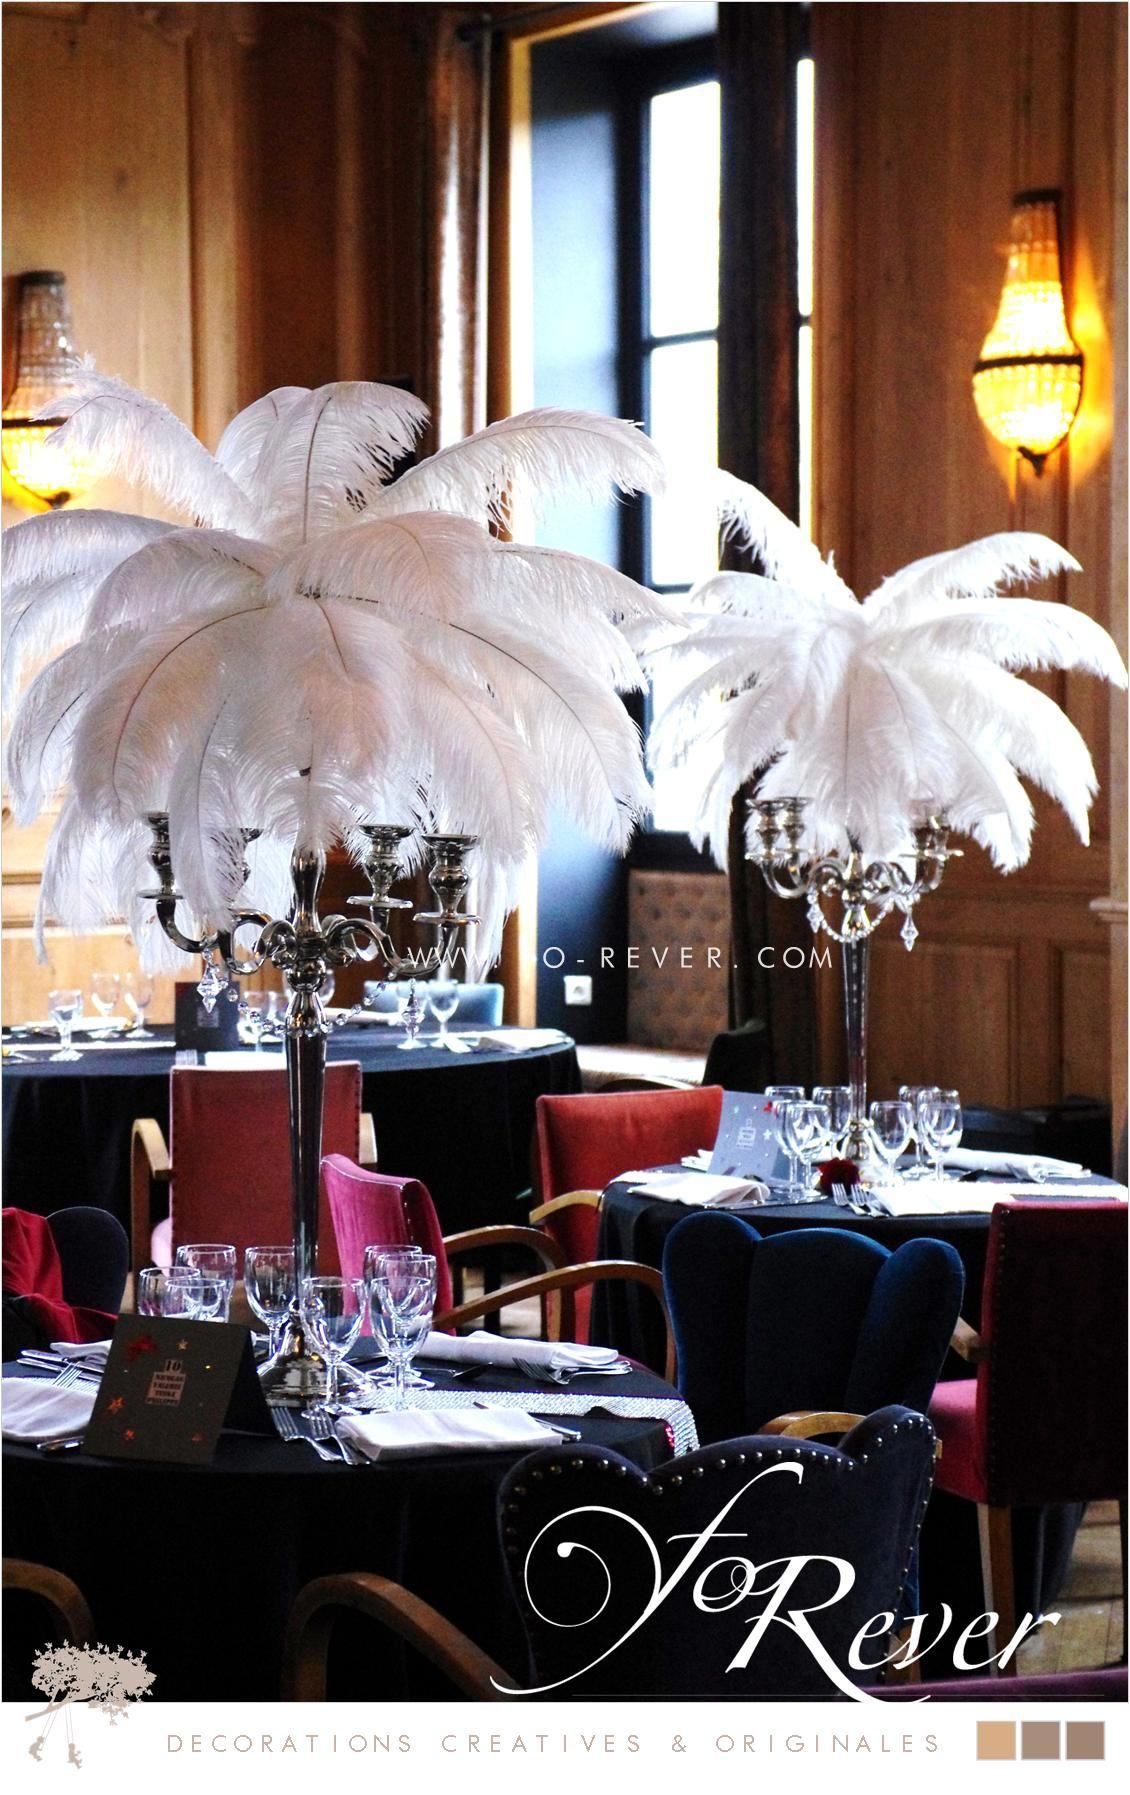 centre de table palmier plume forever mariage deco tropicale pinterest weddings. Black Bedroom Furniture Sets. Home Design Ideas